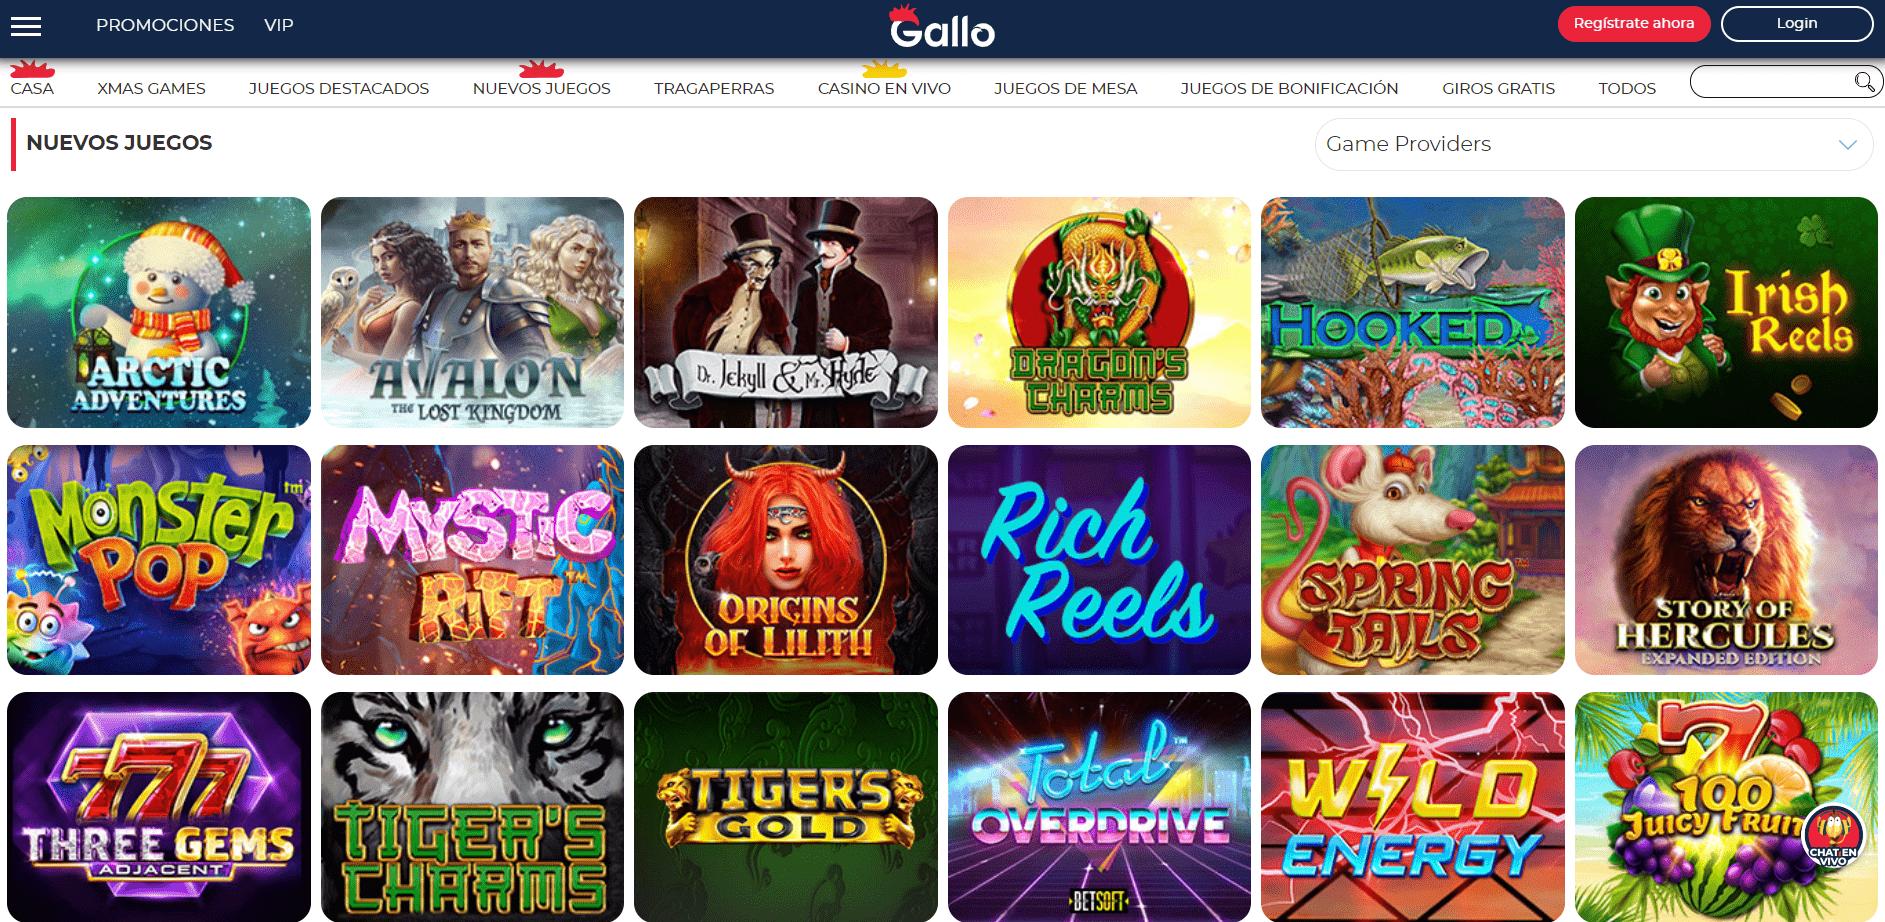 Lista de juegos Gallo Casino